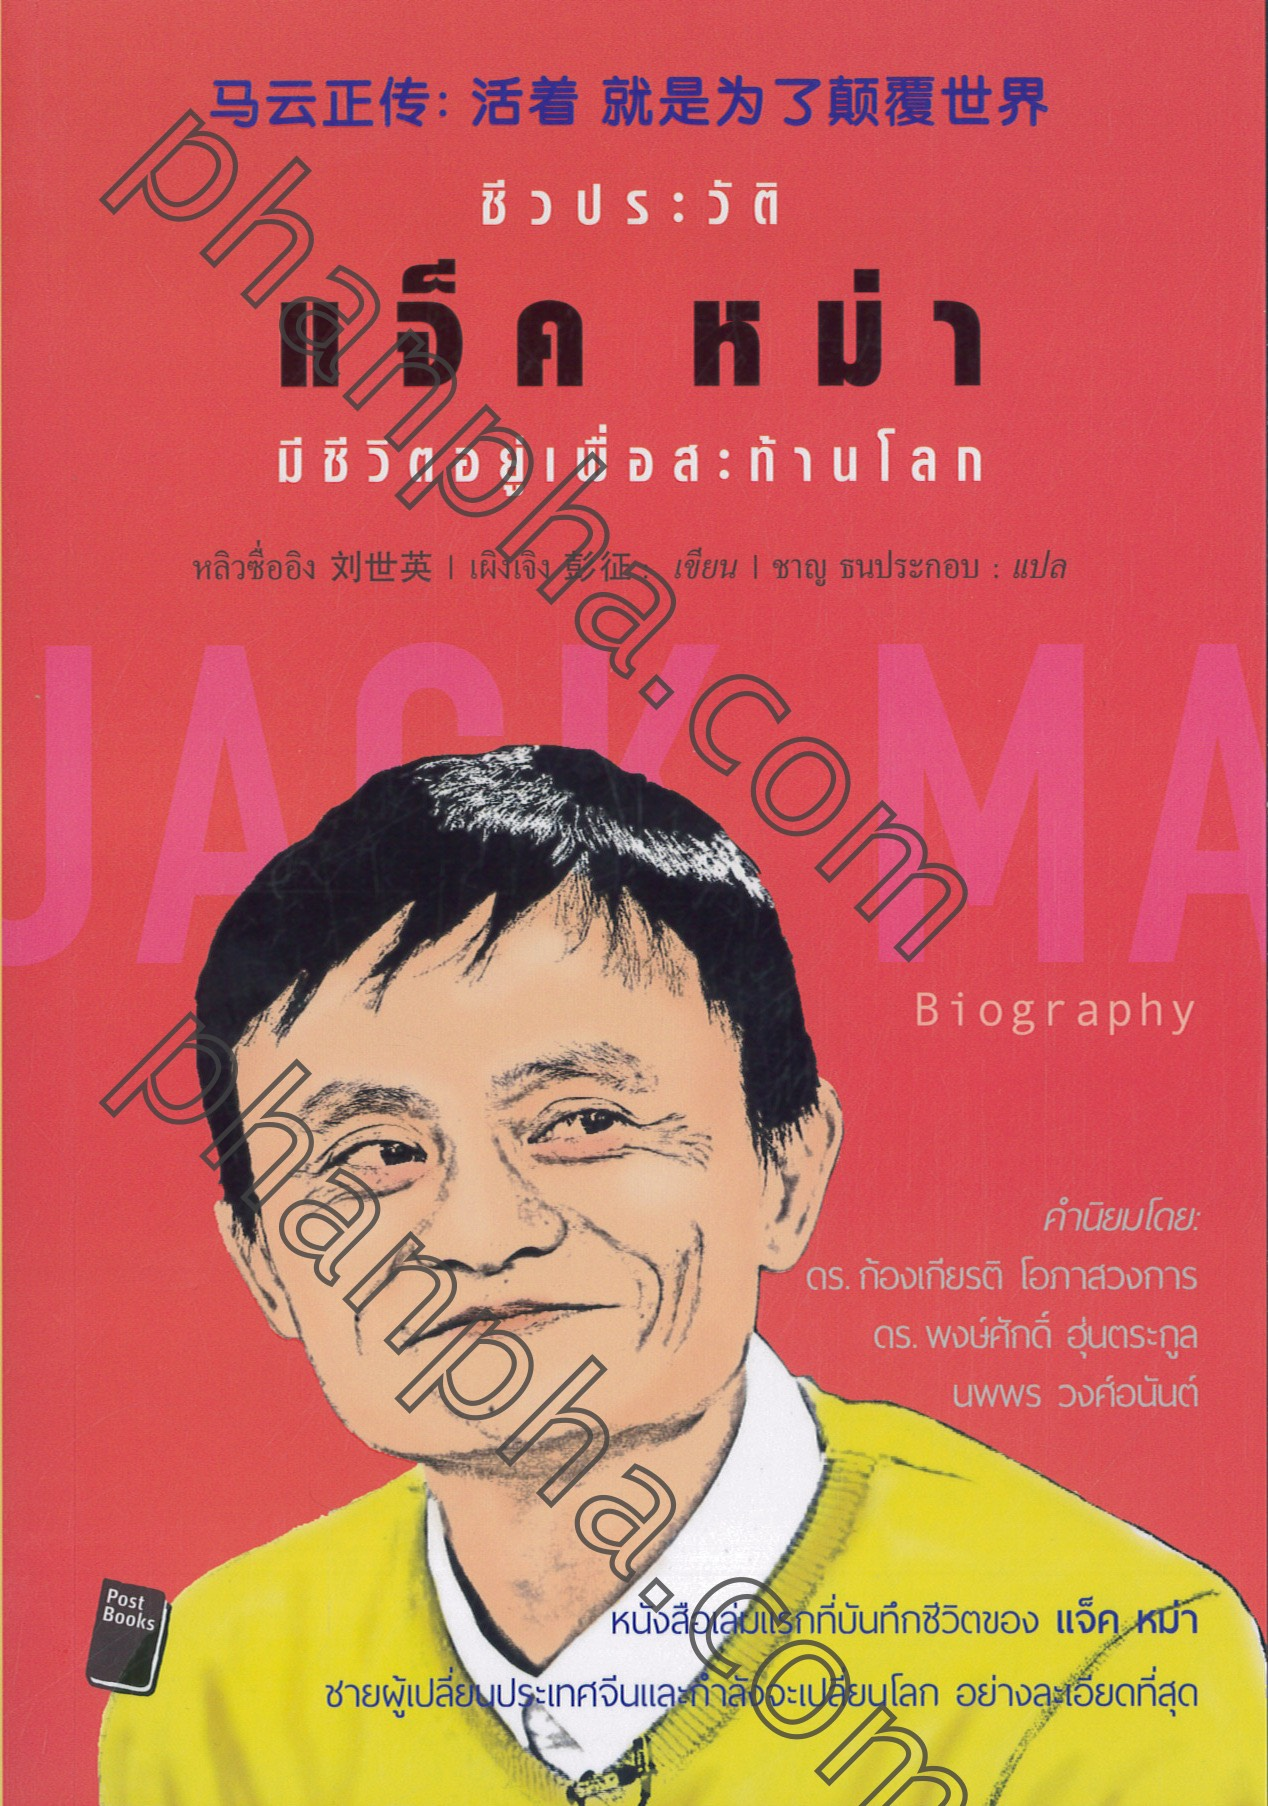 Jack Ma Biography ช วประว ต แจ ค หม า ม ช ว ตอย เพ อสะท านโลก